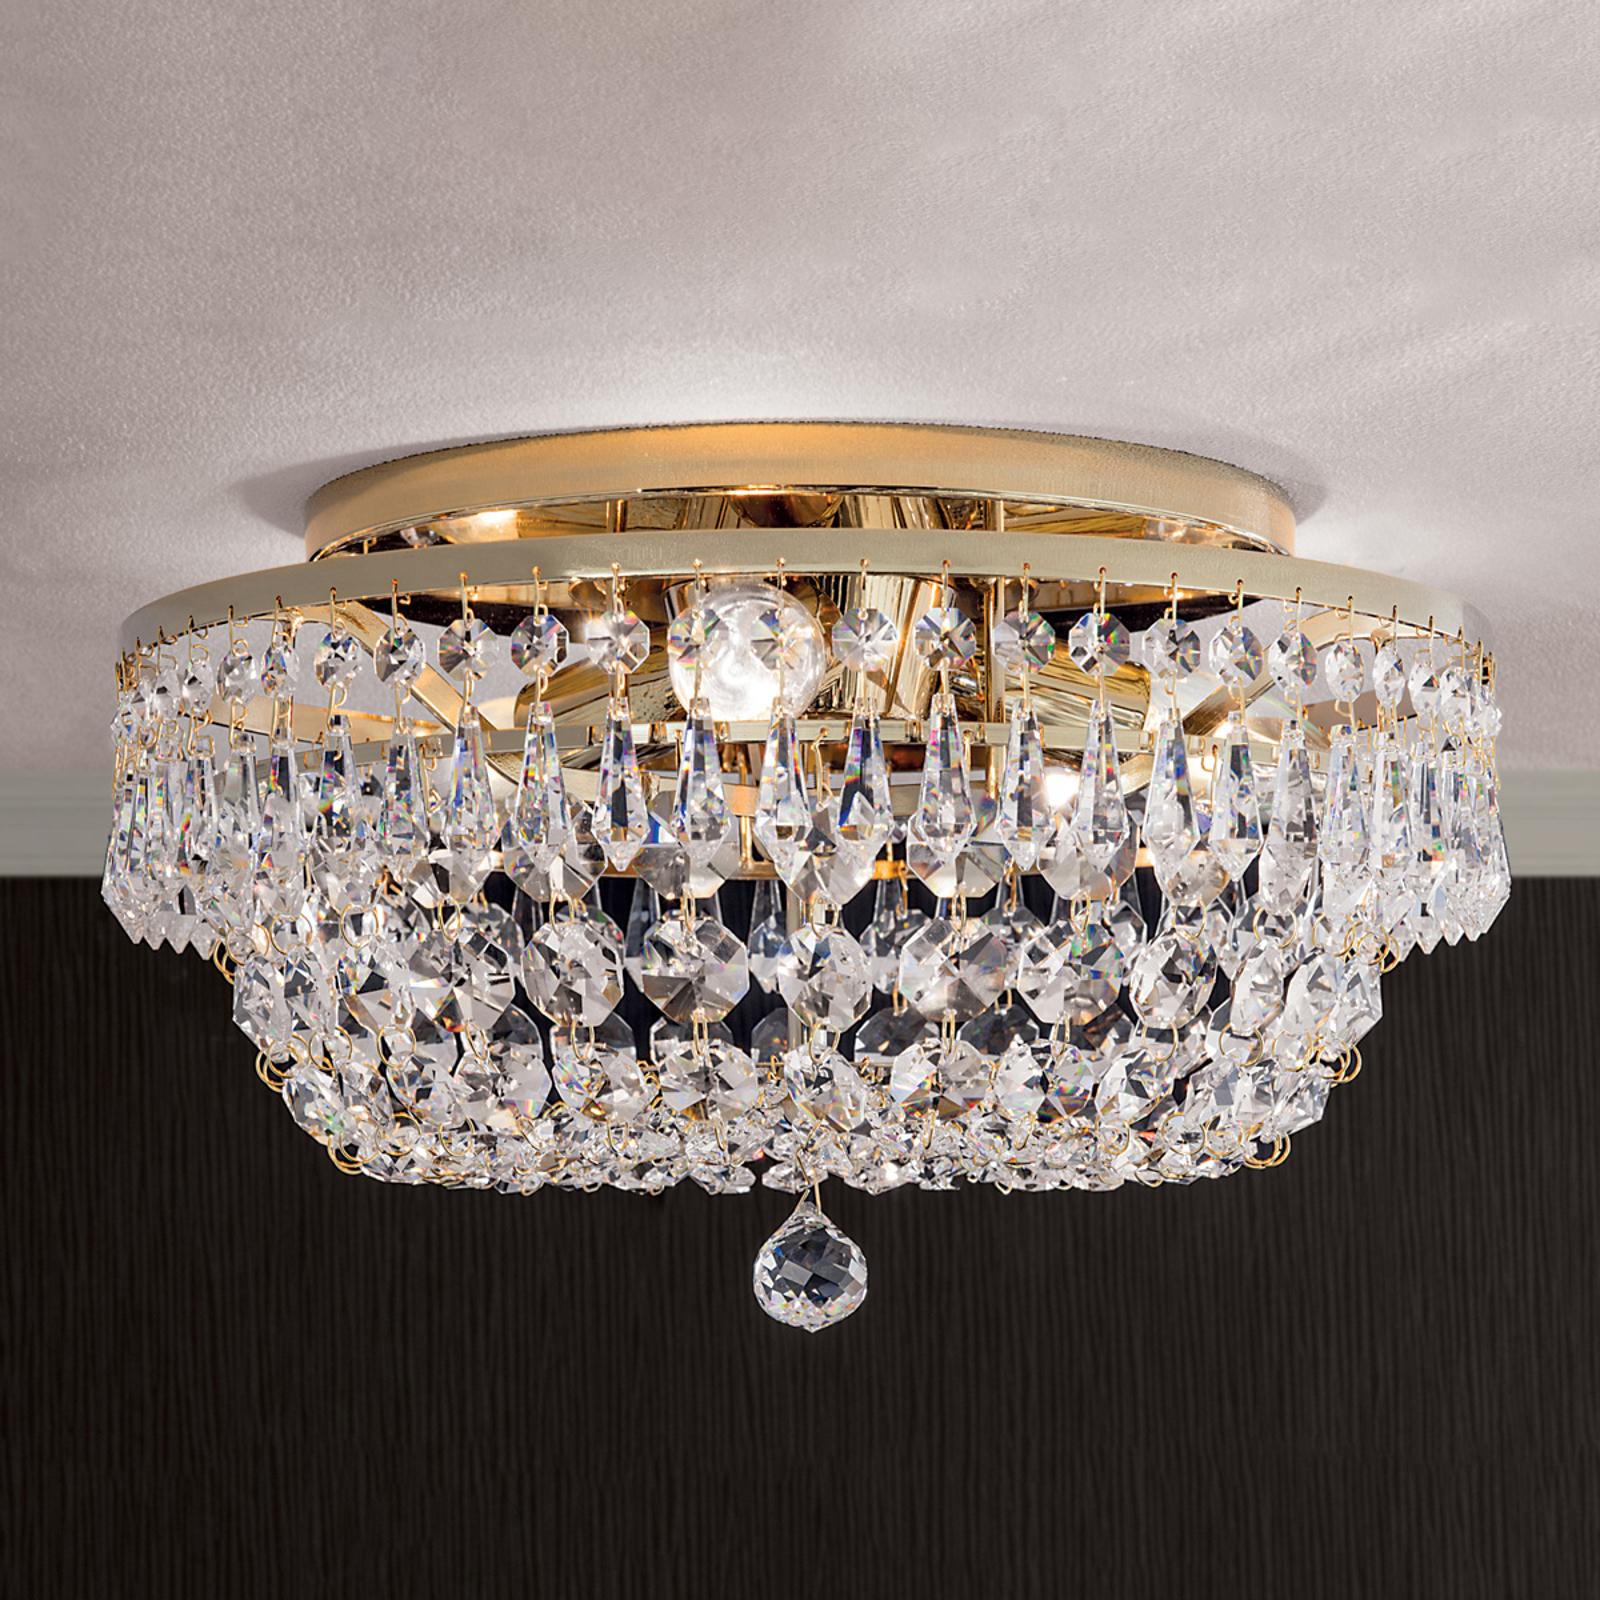 Lampa sufitowa SHERATA okrągła, śr. 35 cm, złota